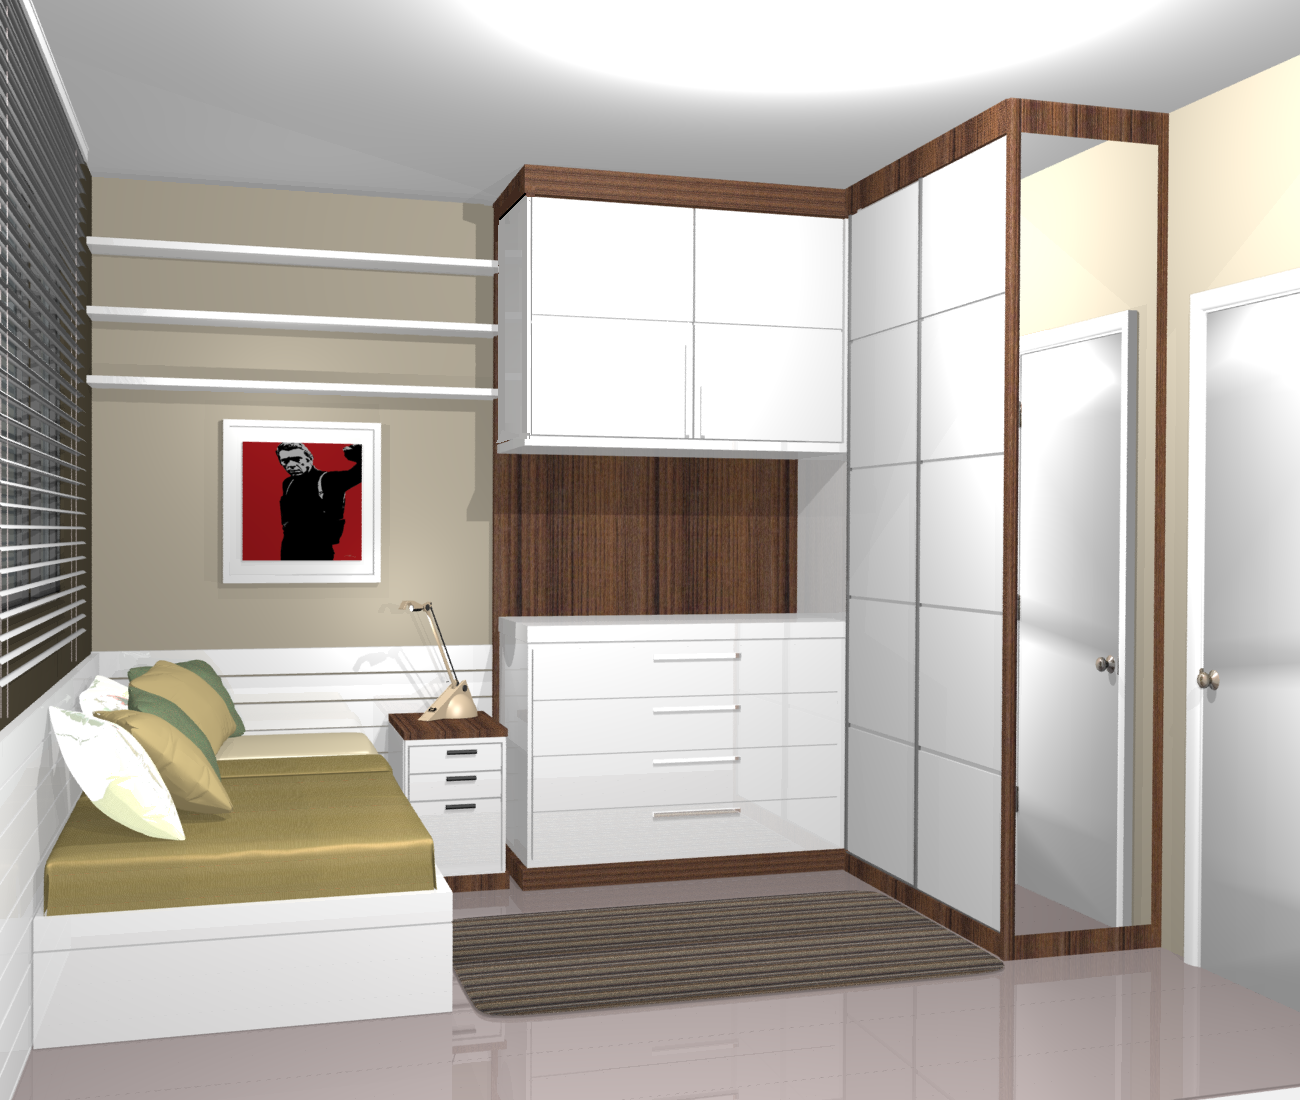 armários cozinha banheiro decoração painel lcd bar: Agosto 2010 #644235 1300 1100